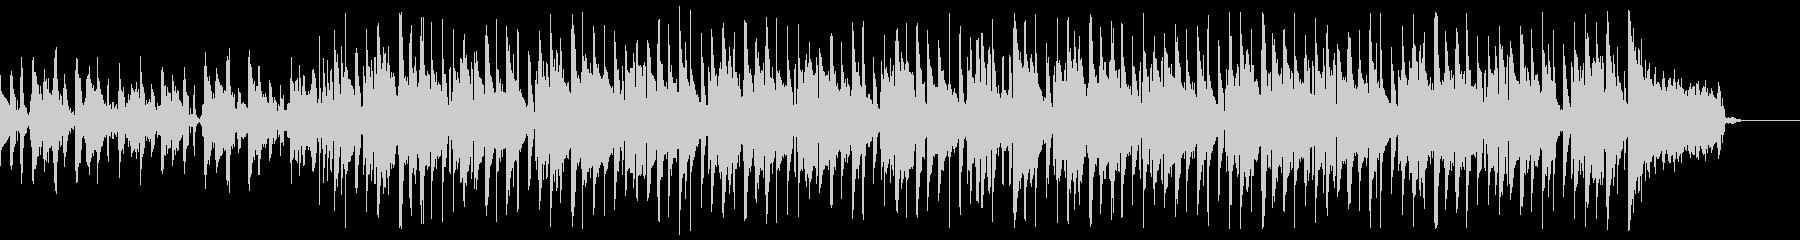 アコギが可愛いSurf music60秒の未再生の波形